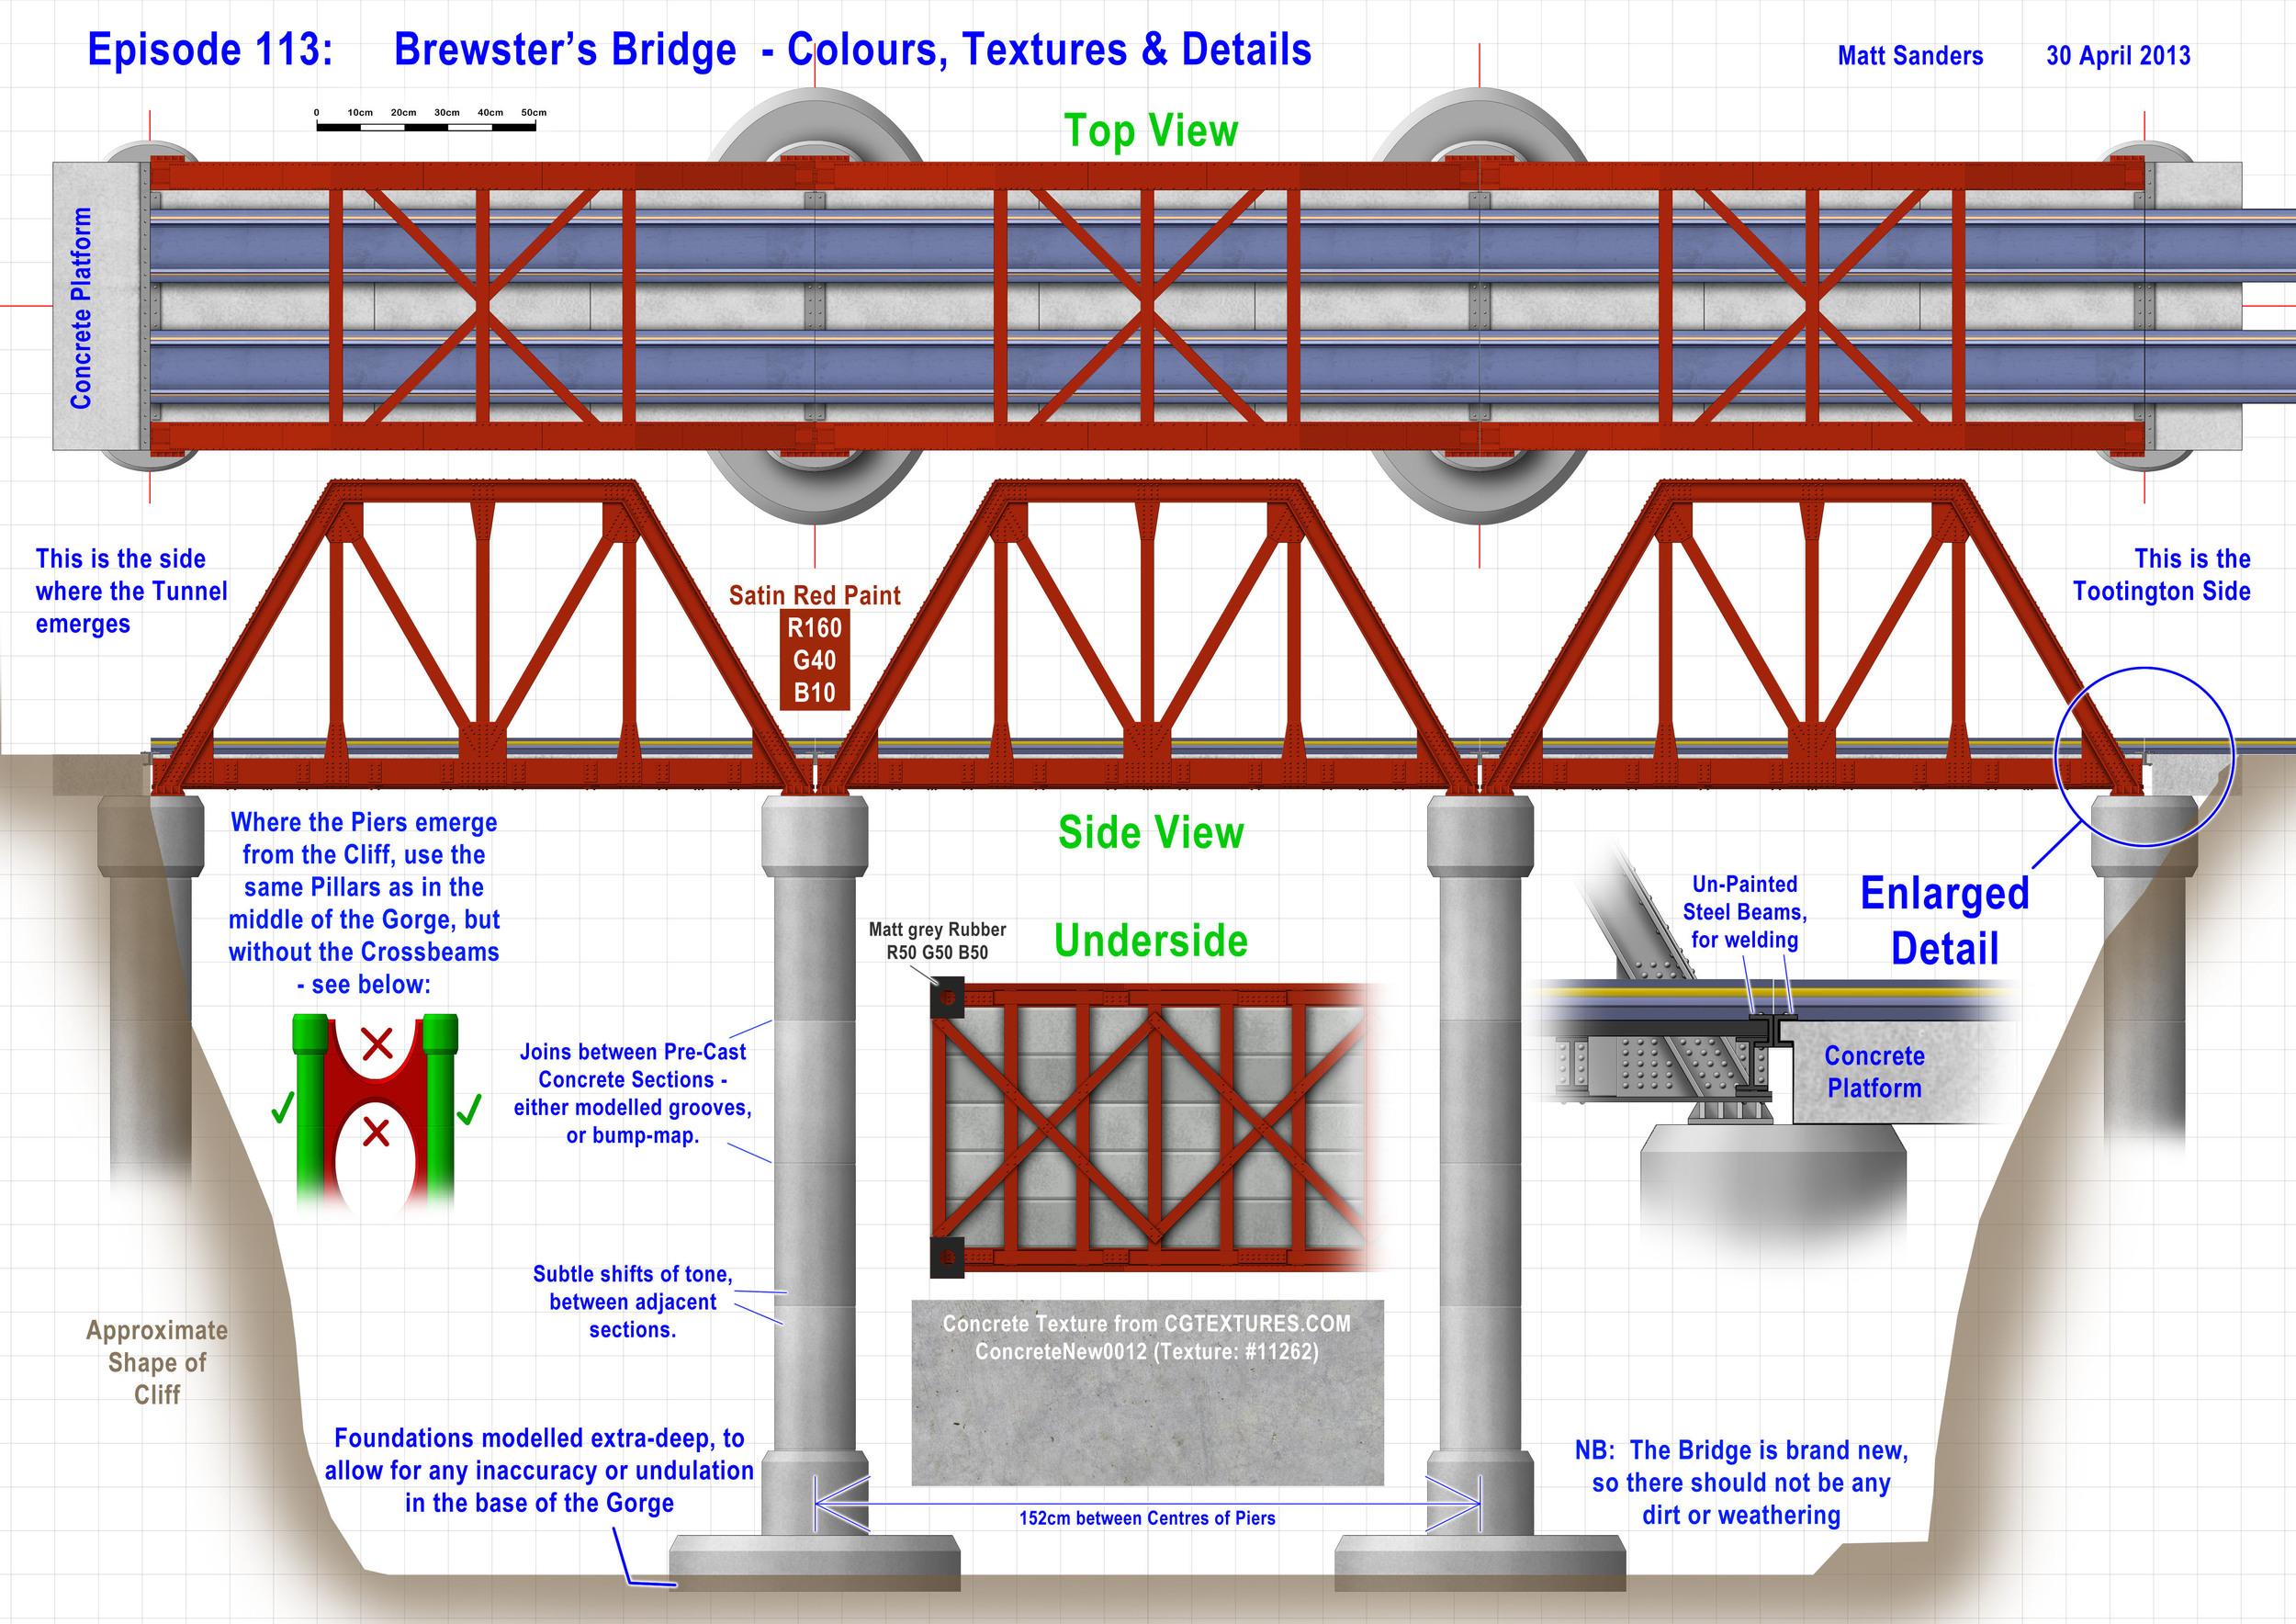 Ep113_Brewsters_Bridge_Textures_30April.jpg